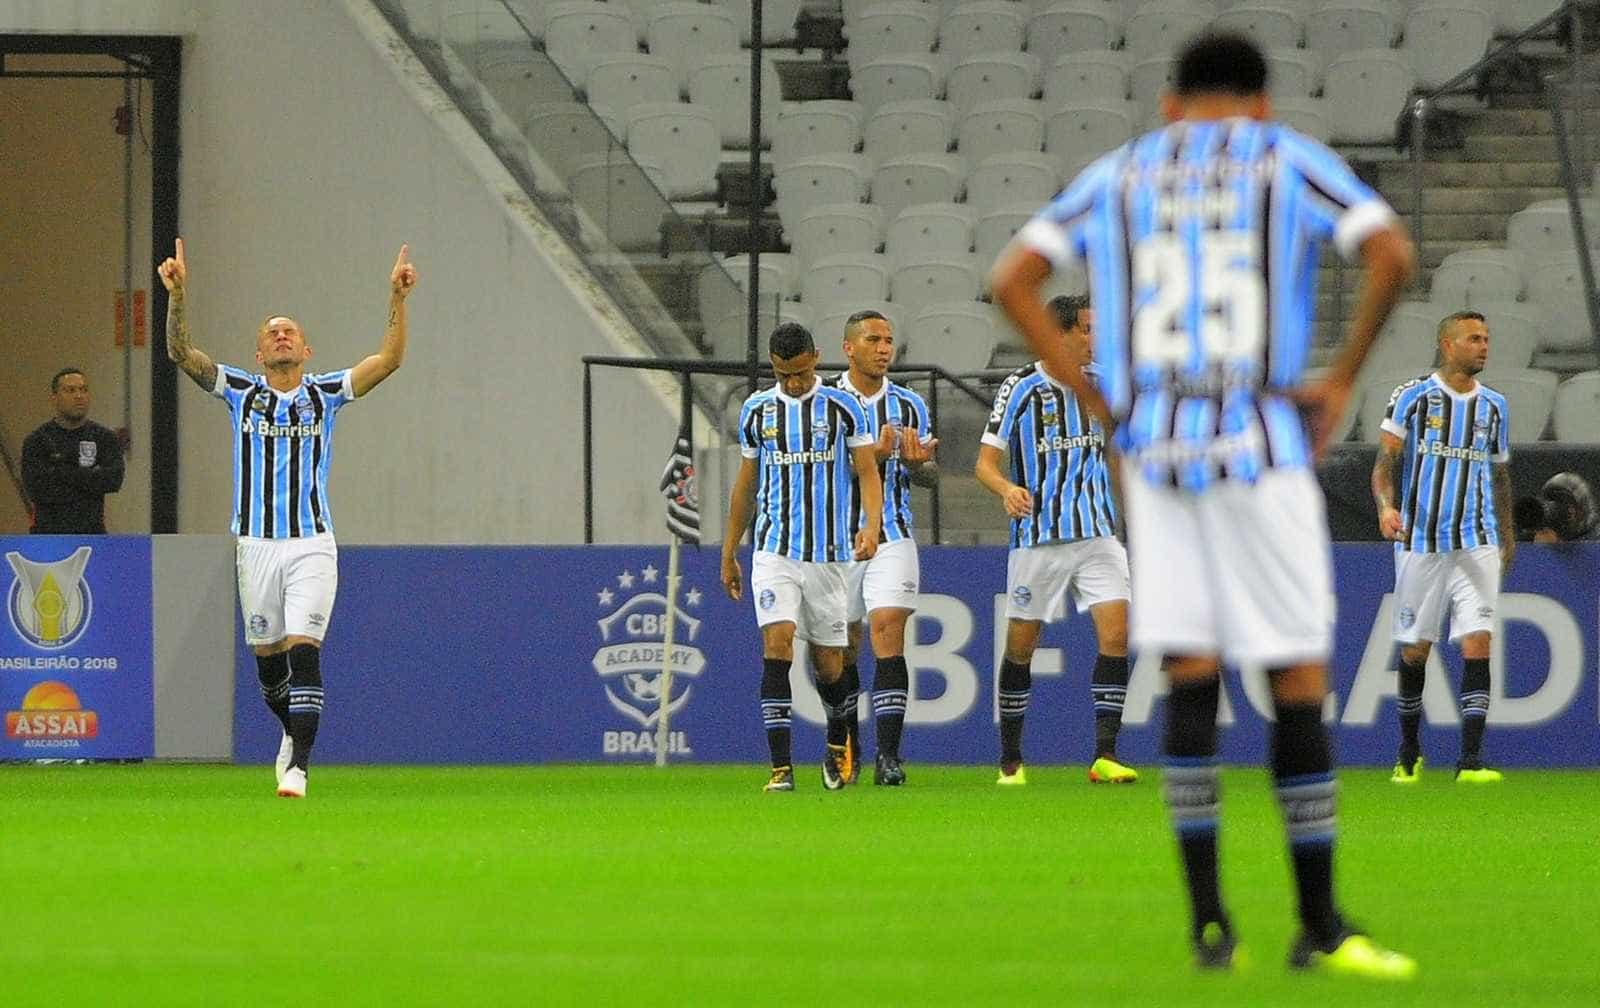 Defesa iguala recorde e ajuda Grêmio a fechar turno no topo da tabela